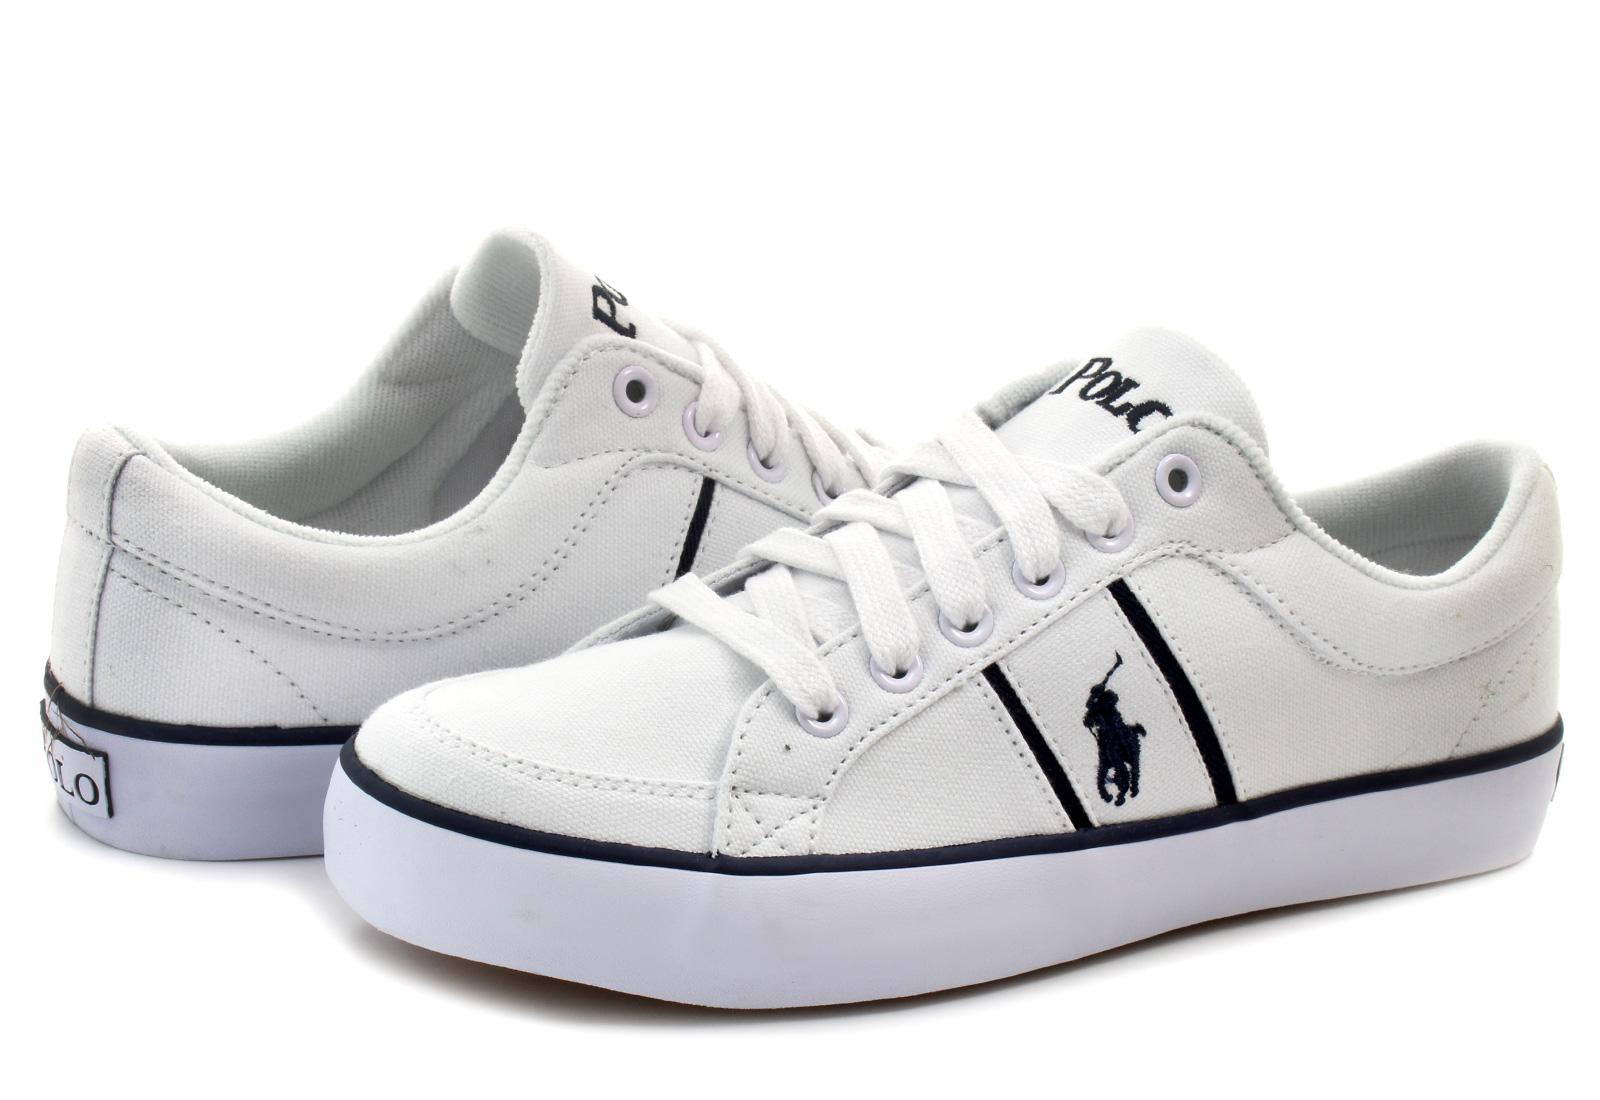 Polo Ralph Lauren Shoes - Bolingbrook - 219-c-a1557 - Online shop ... ce8f116bb4